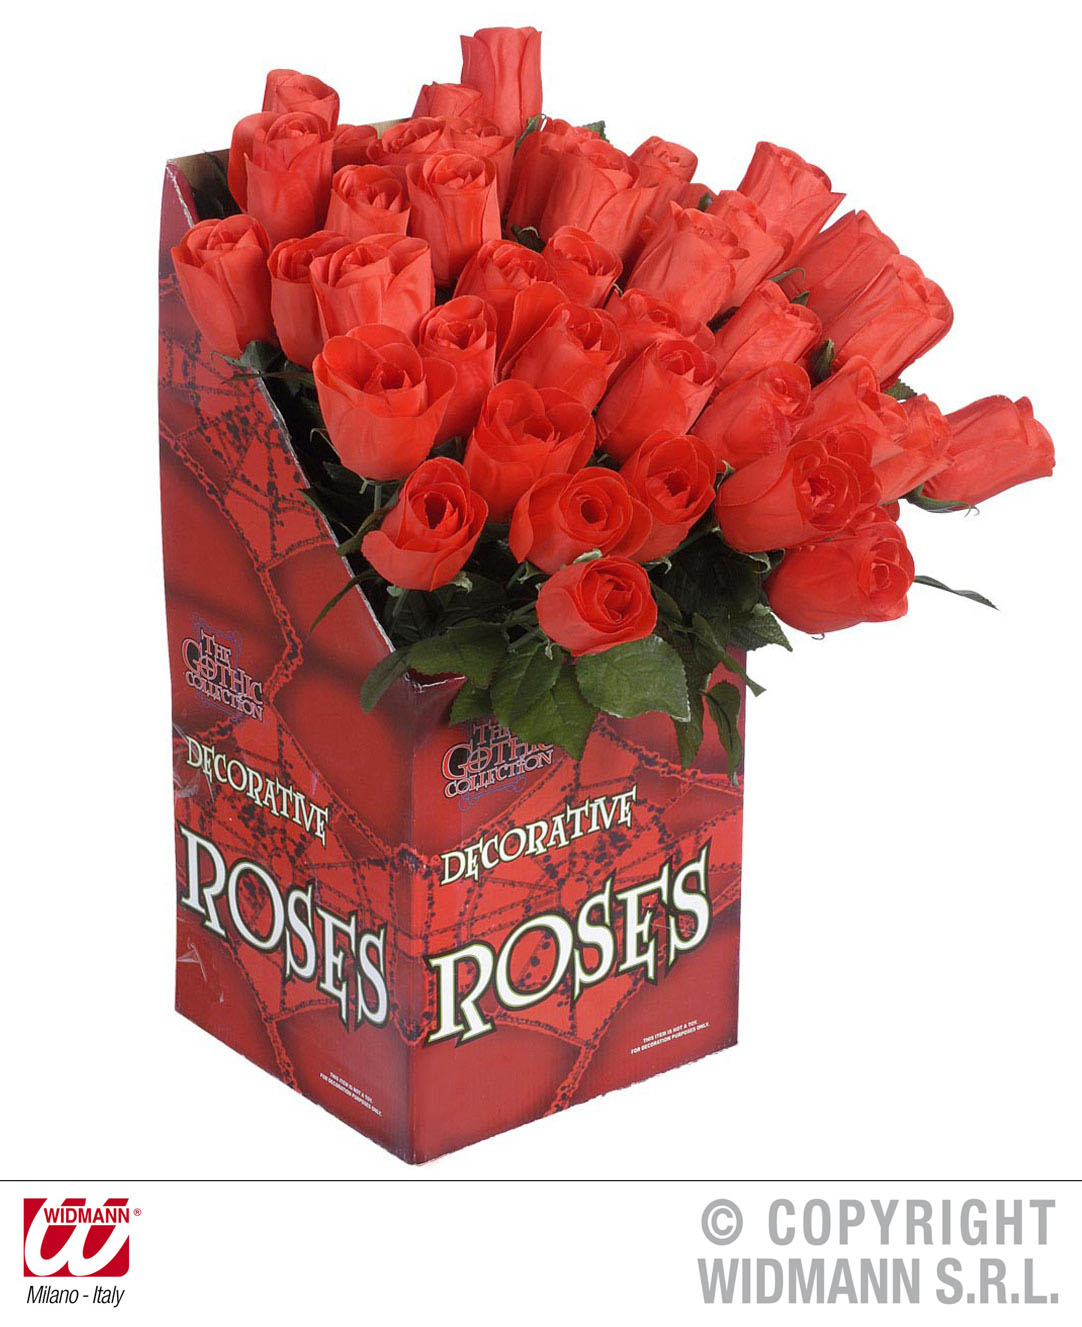 6 x rote rosen kunstblumen langstielig rote blumen 44 cm kaufen 6 x rote rosen kunstblumen langstielig rote blumen 44 cm 1 thecheapjerseys Images